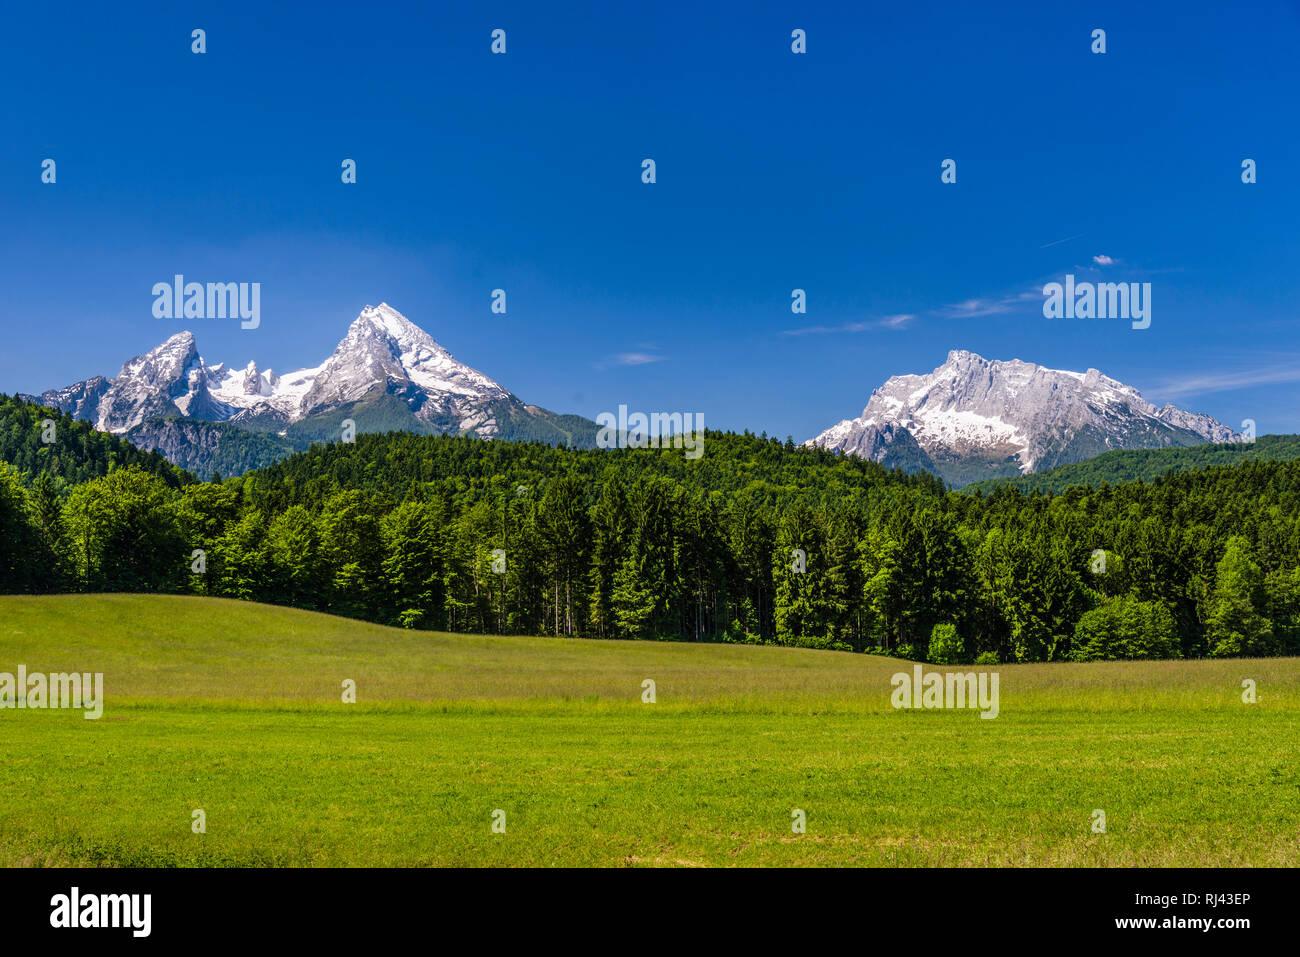 Deutschland, Bayern, Oberbayern, Berchtesgadener Land, Bischofswiesen, Blick auf Watzmann und Hochkalter, Stock Photo